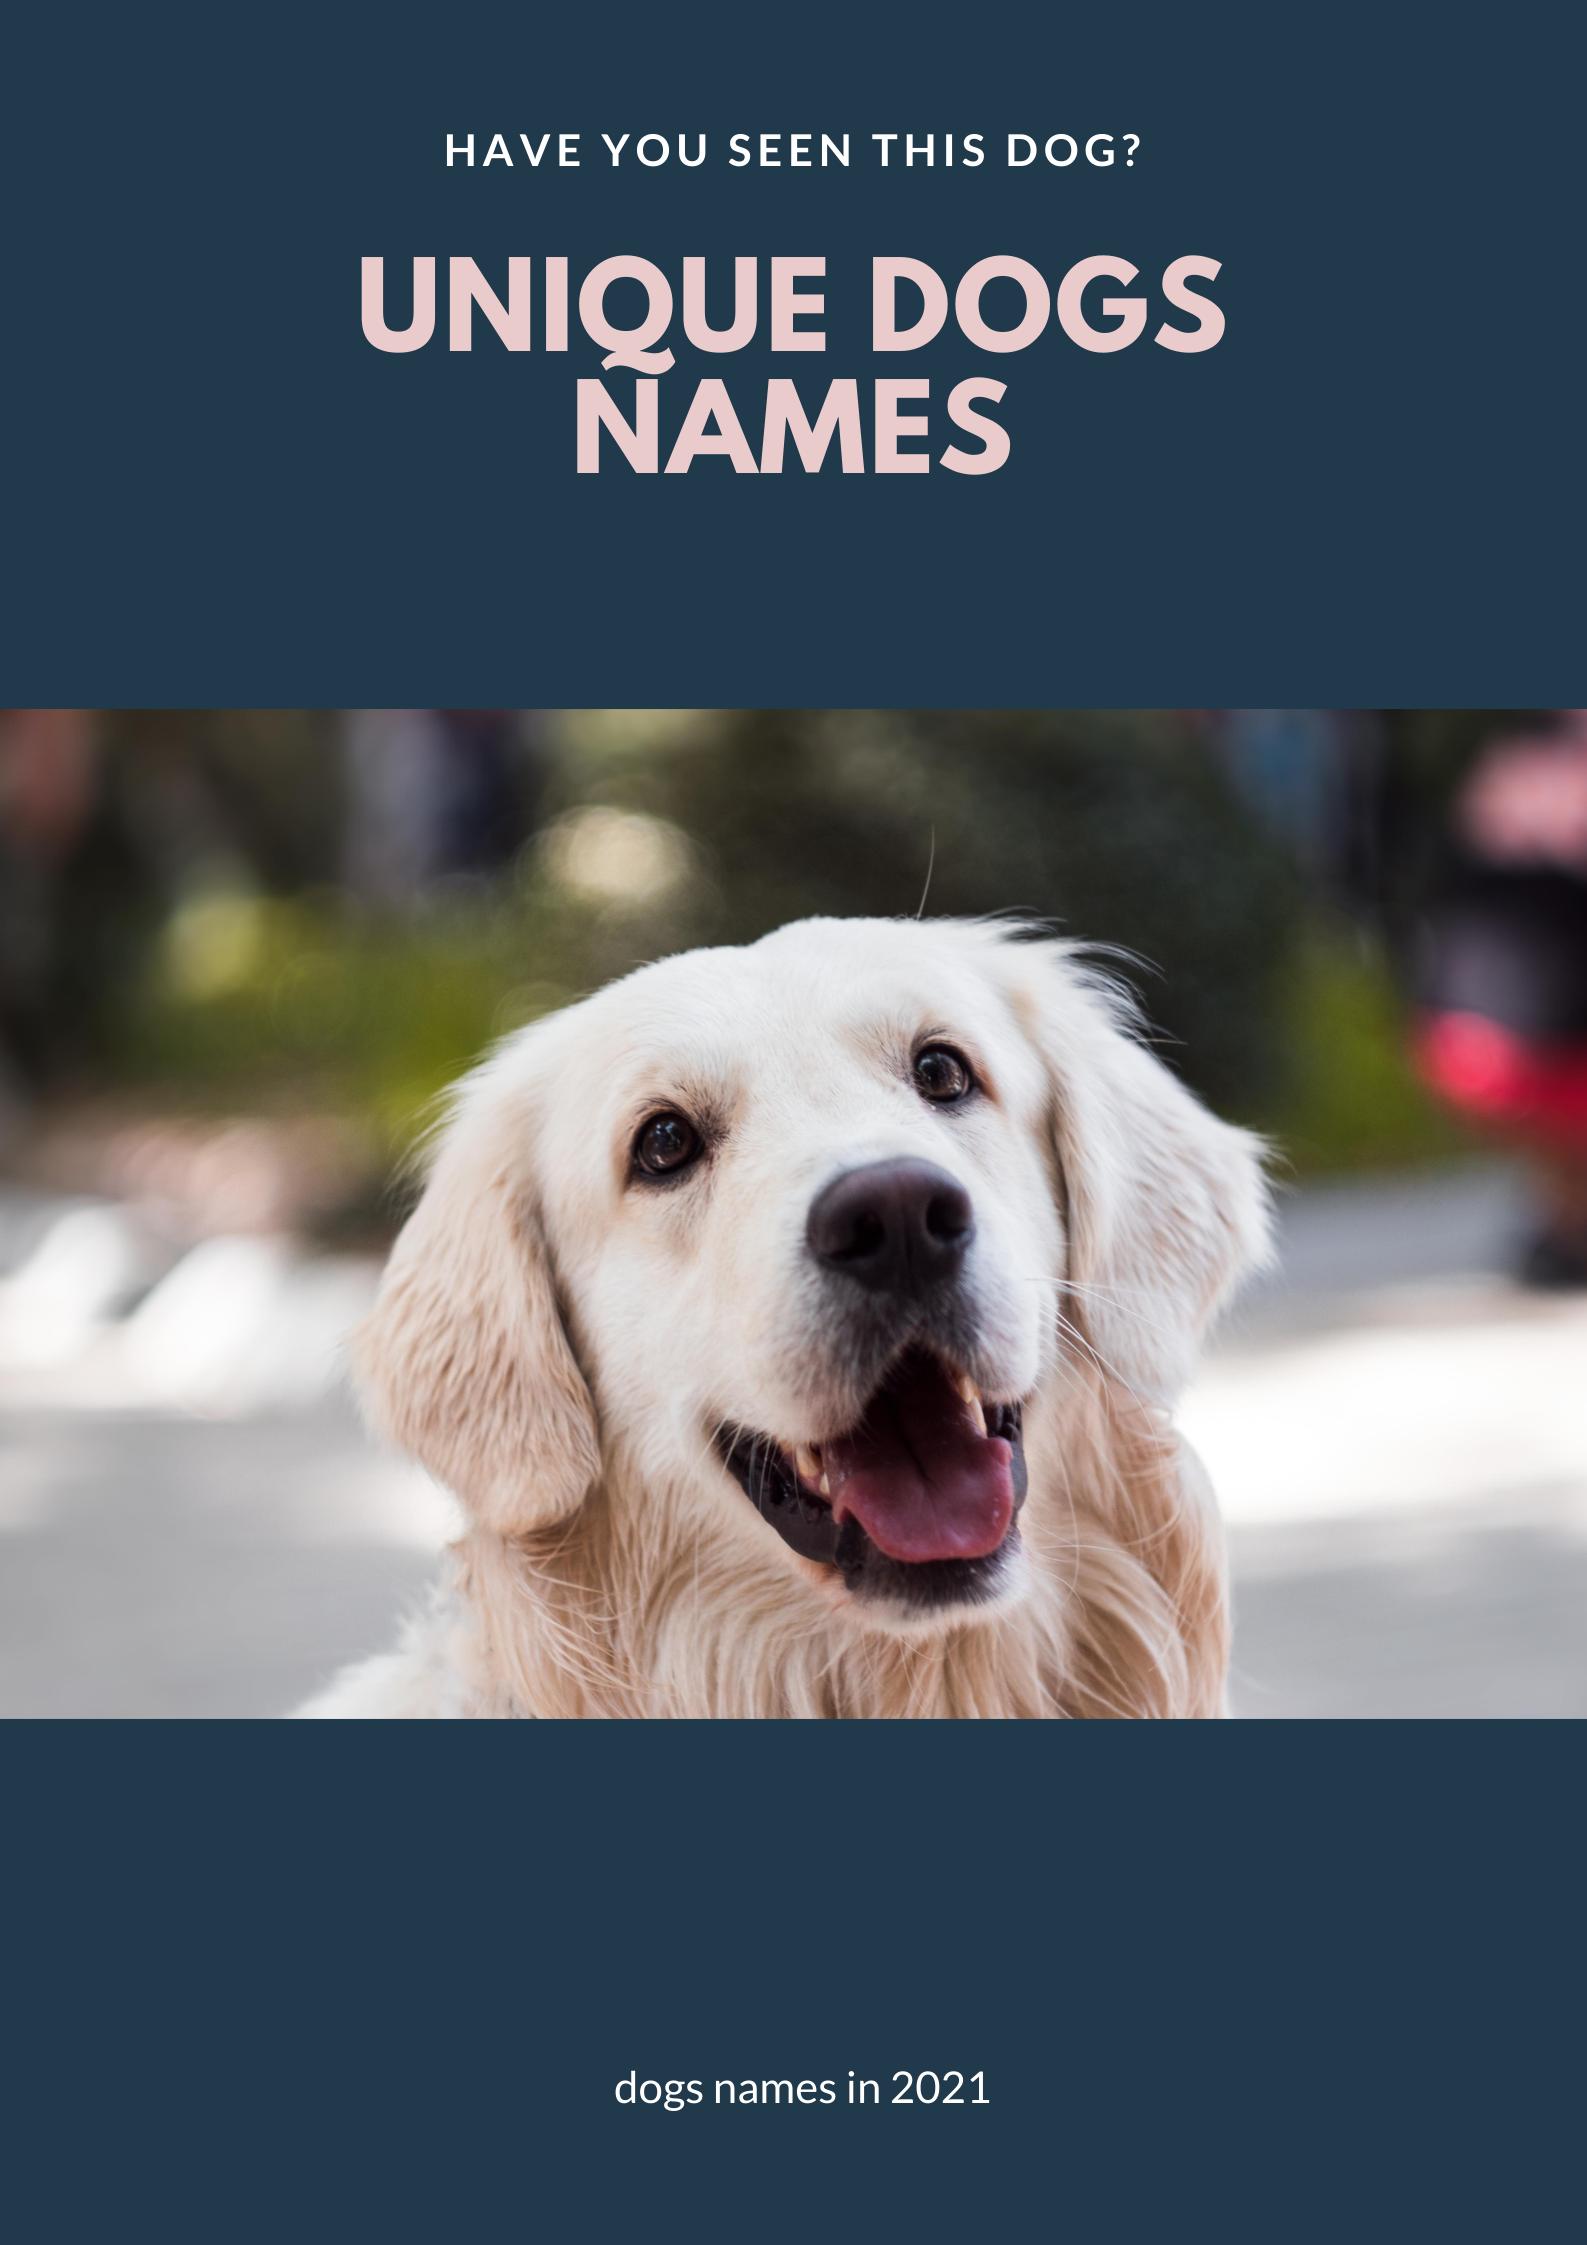 unique dogs names